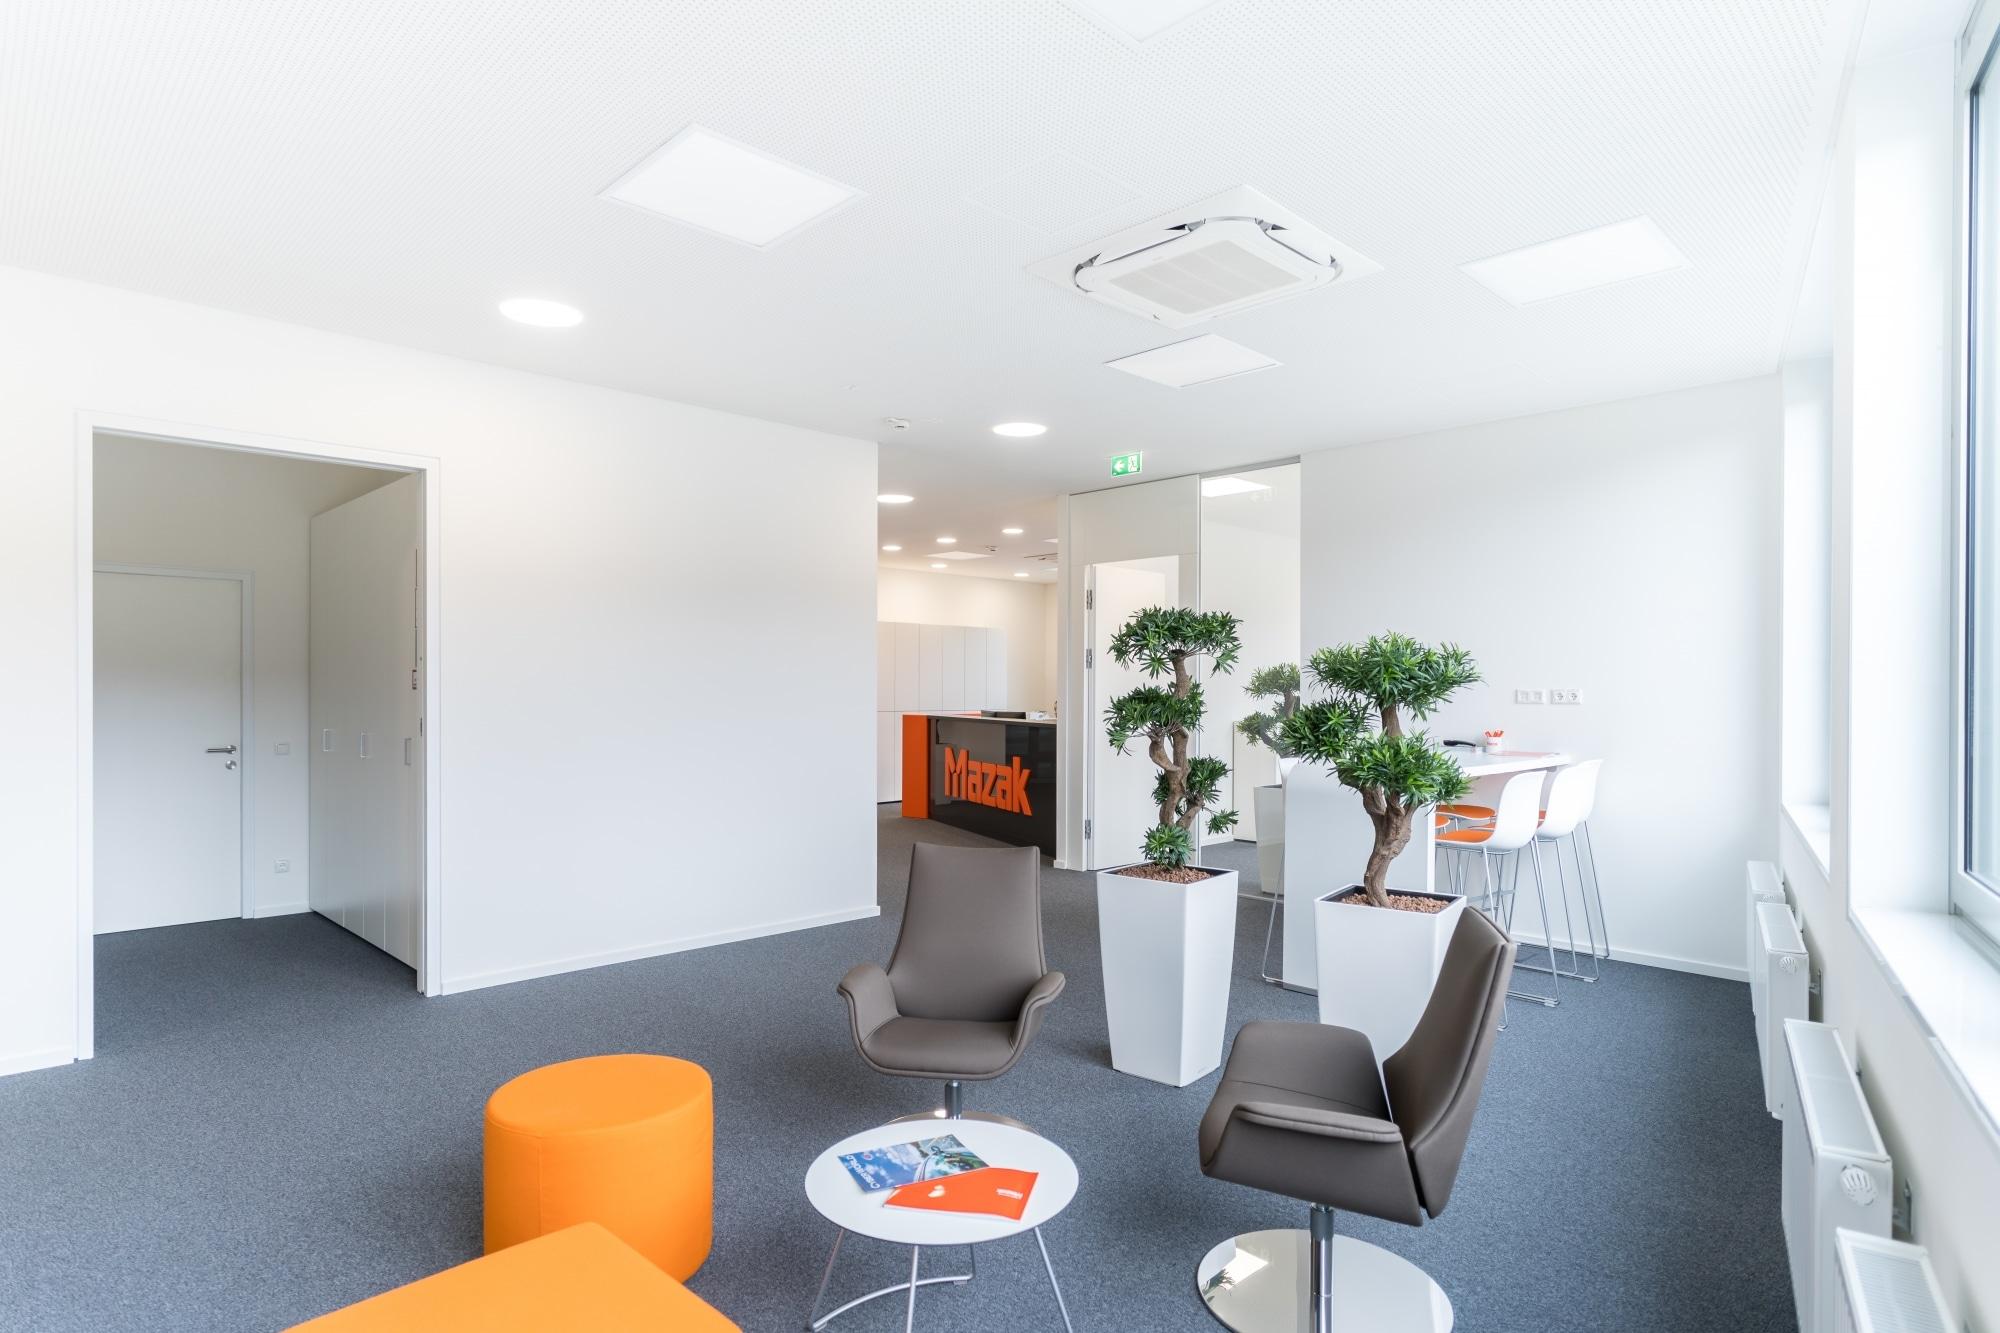 Loungebereich mit bequemen Besucherstühlen und Hockern. Bürobegrünung als Trenner zu Besprechungsbereich mit Stehtisch und Barstühlen.